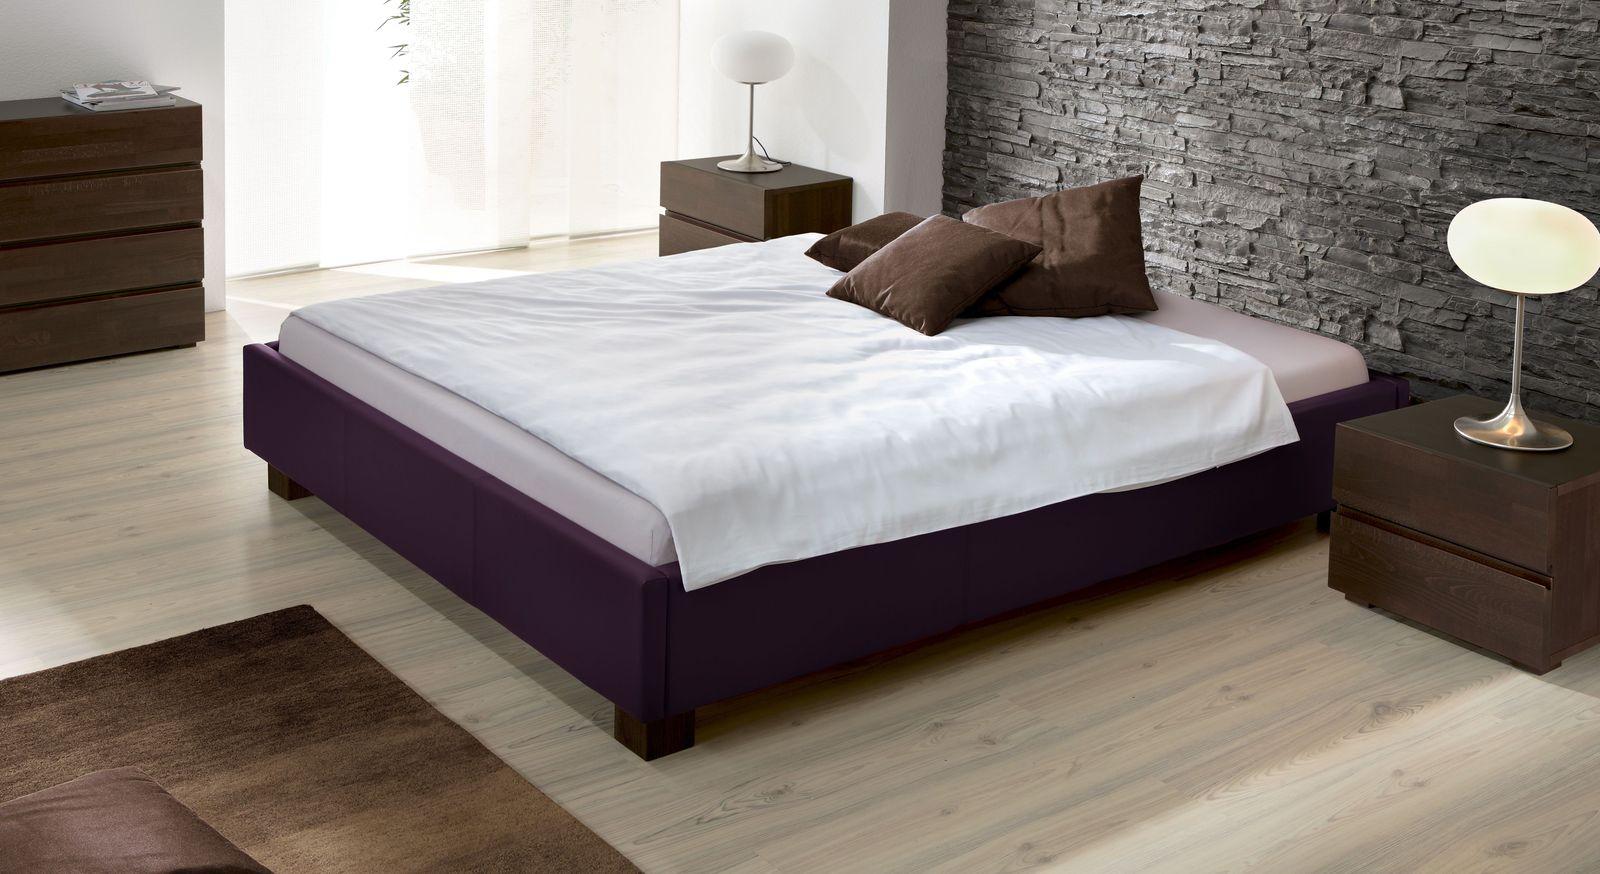 Mit Dieser Farbe Besser Nur Dezent Umgehen. Wenig Verkehrt Machen Kann Man  Im Gegensatz Mit Einem Bett In Dieser Farbe, Hier Betont Die Farbwahl Den  ...